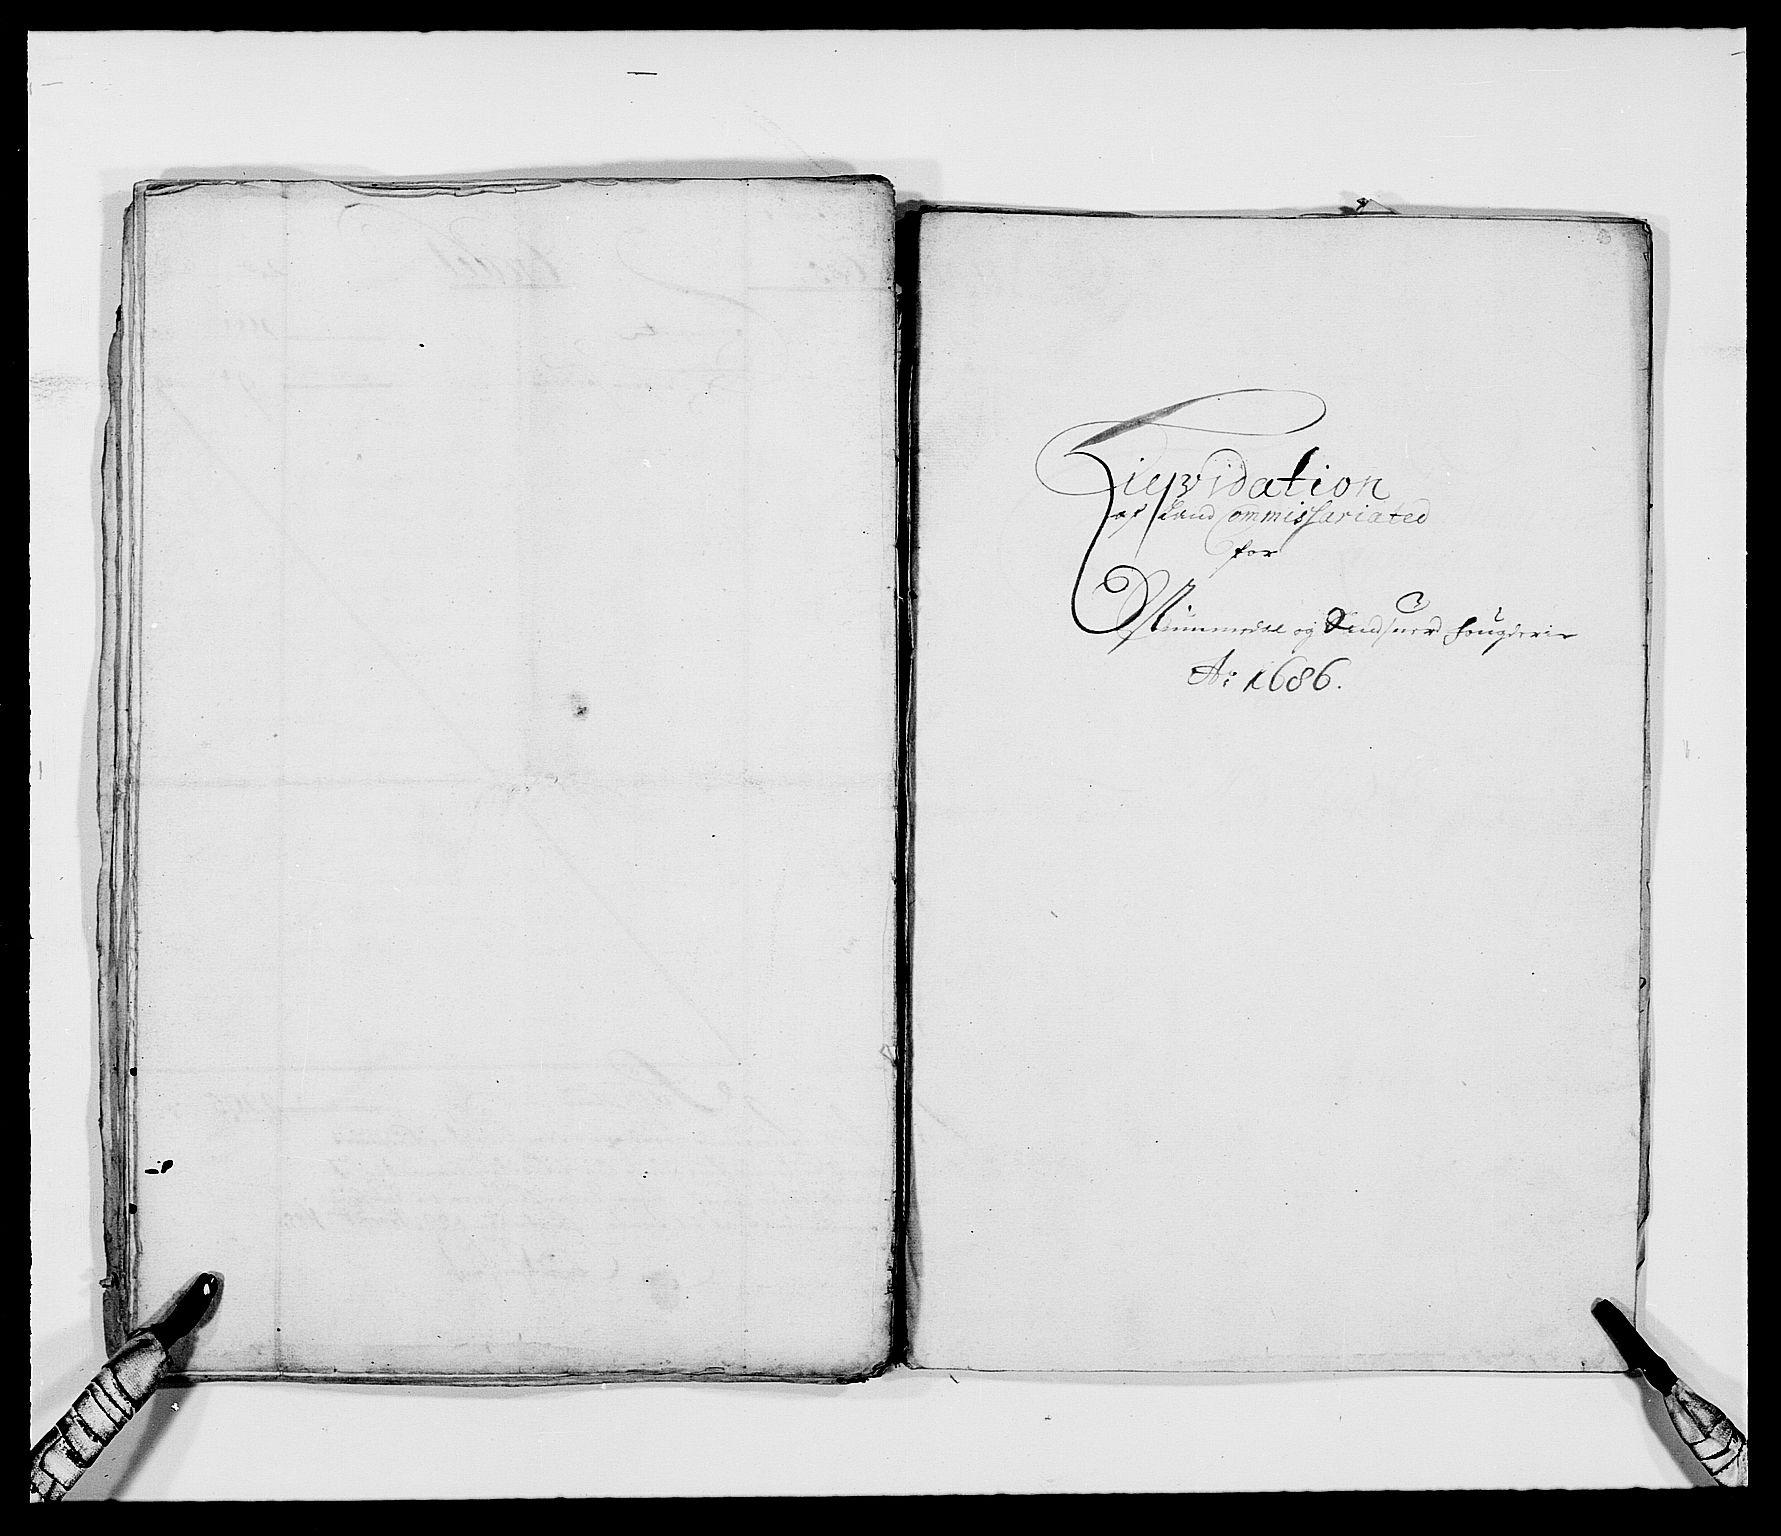 RA, Rentekammeret inntil 1814, Reviderte regnskaper, Fogderegnskap, R24/L1569: Fogderegnskap Numedal og Sandsvær, 1679-1686, s. 75